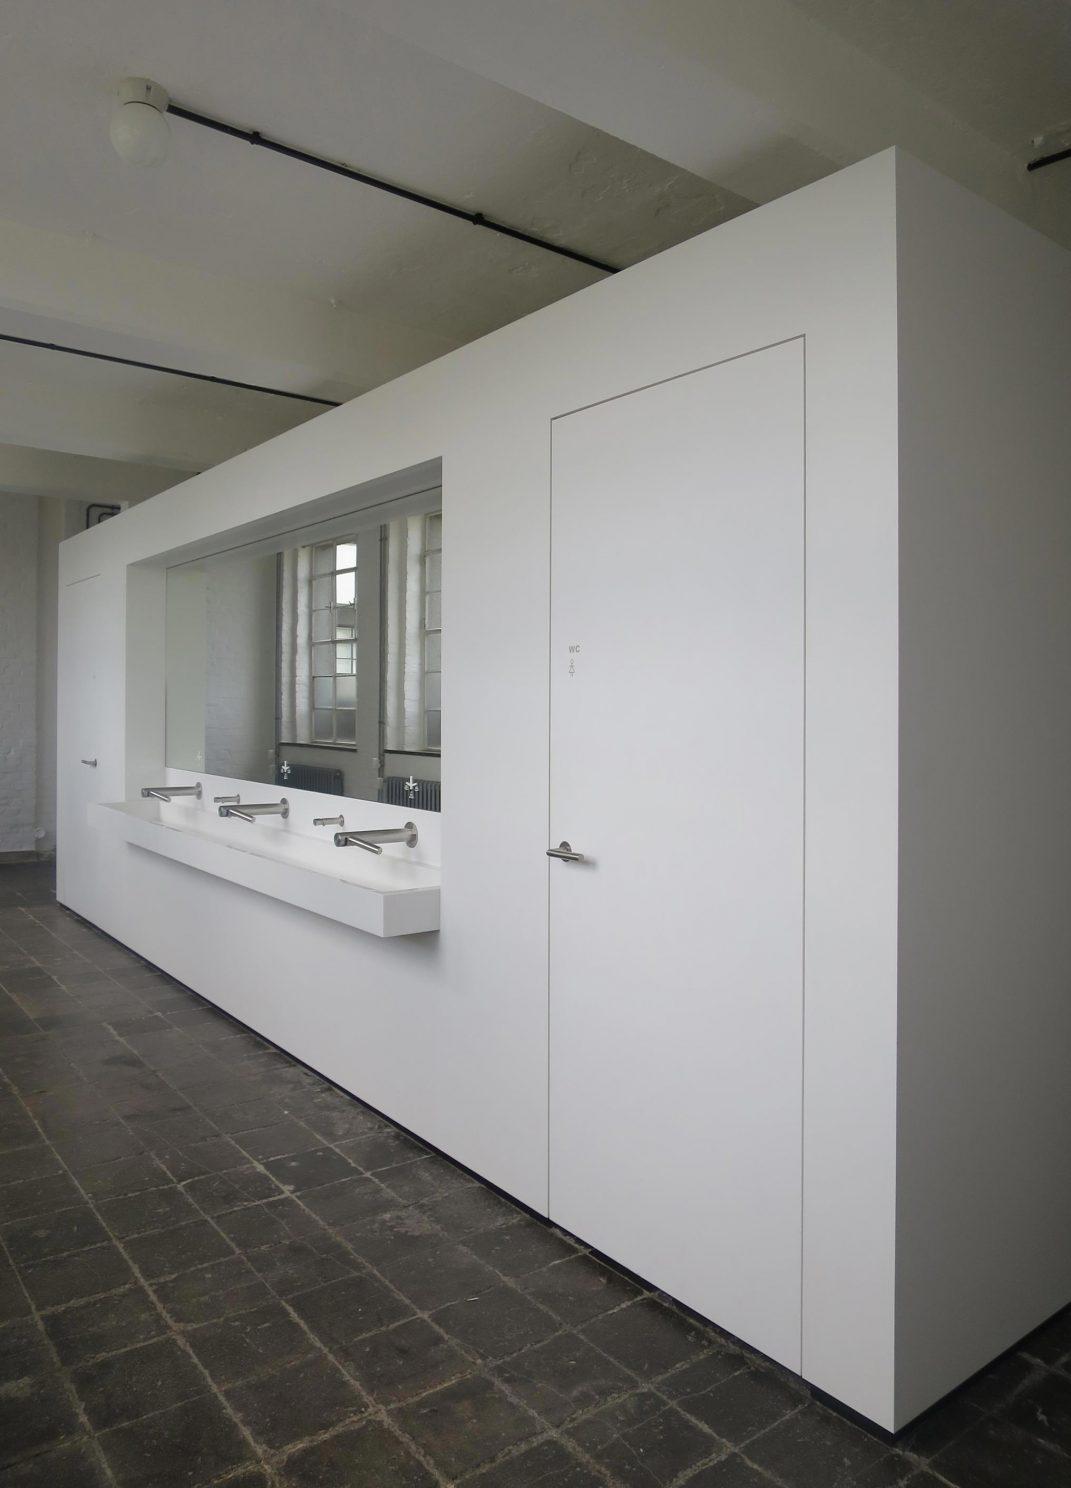 Rollbrett Bauhaus waschbecken mit bauhaus badmbel bei bauhaus awesome waschtisch